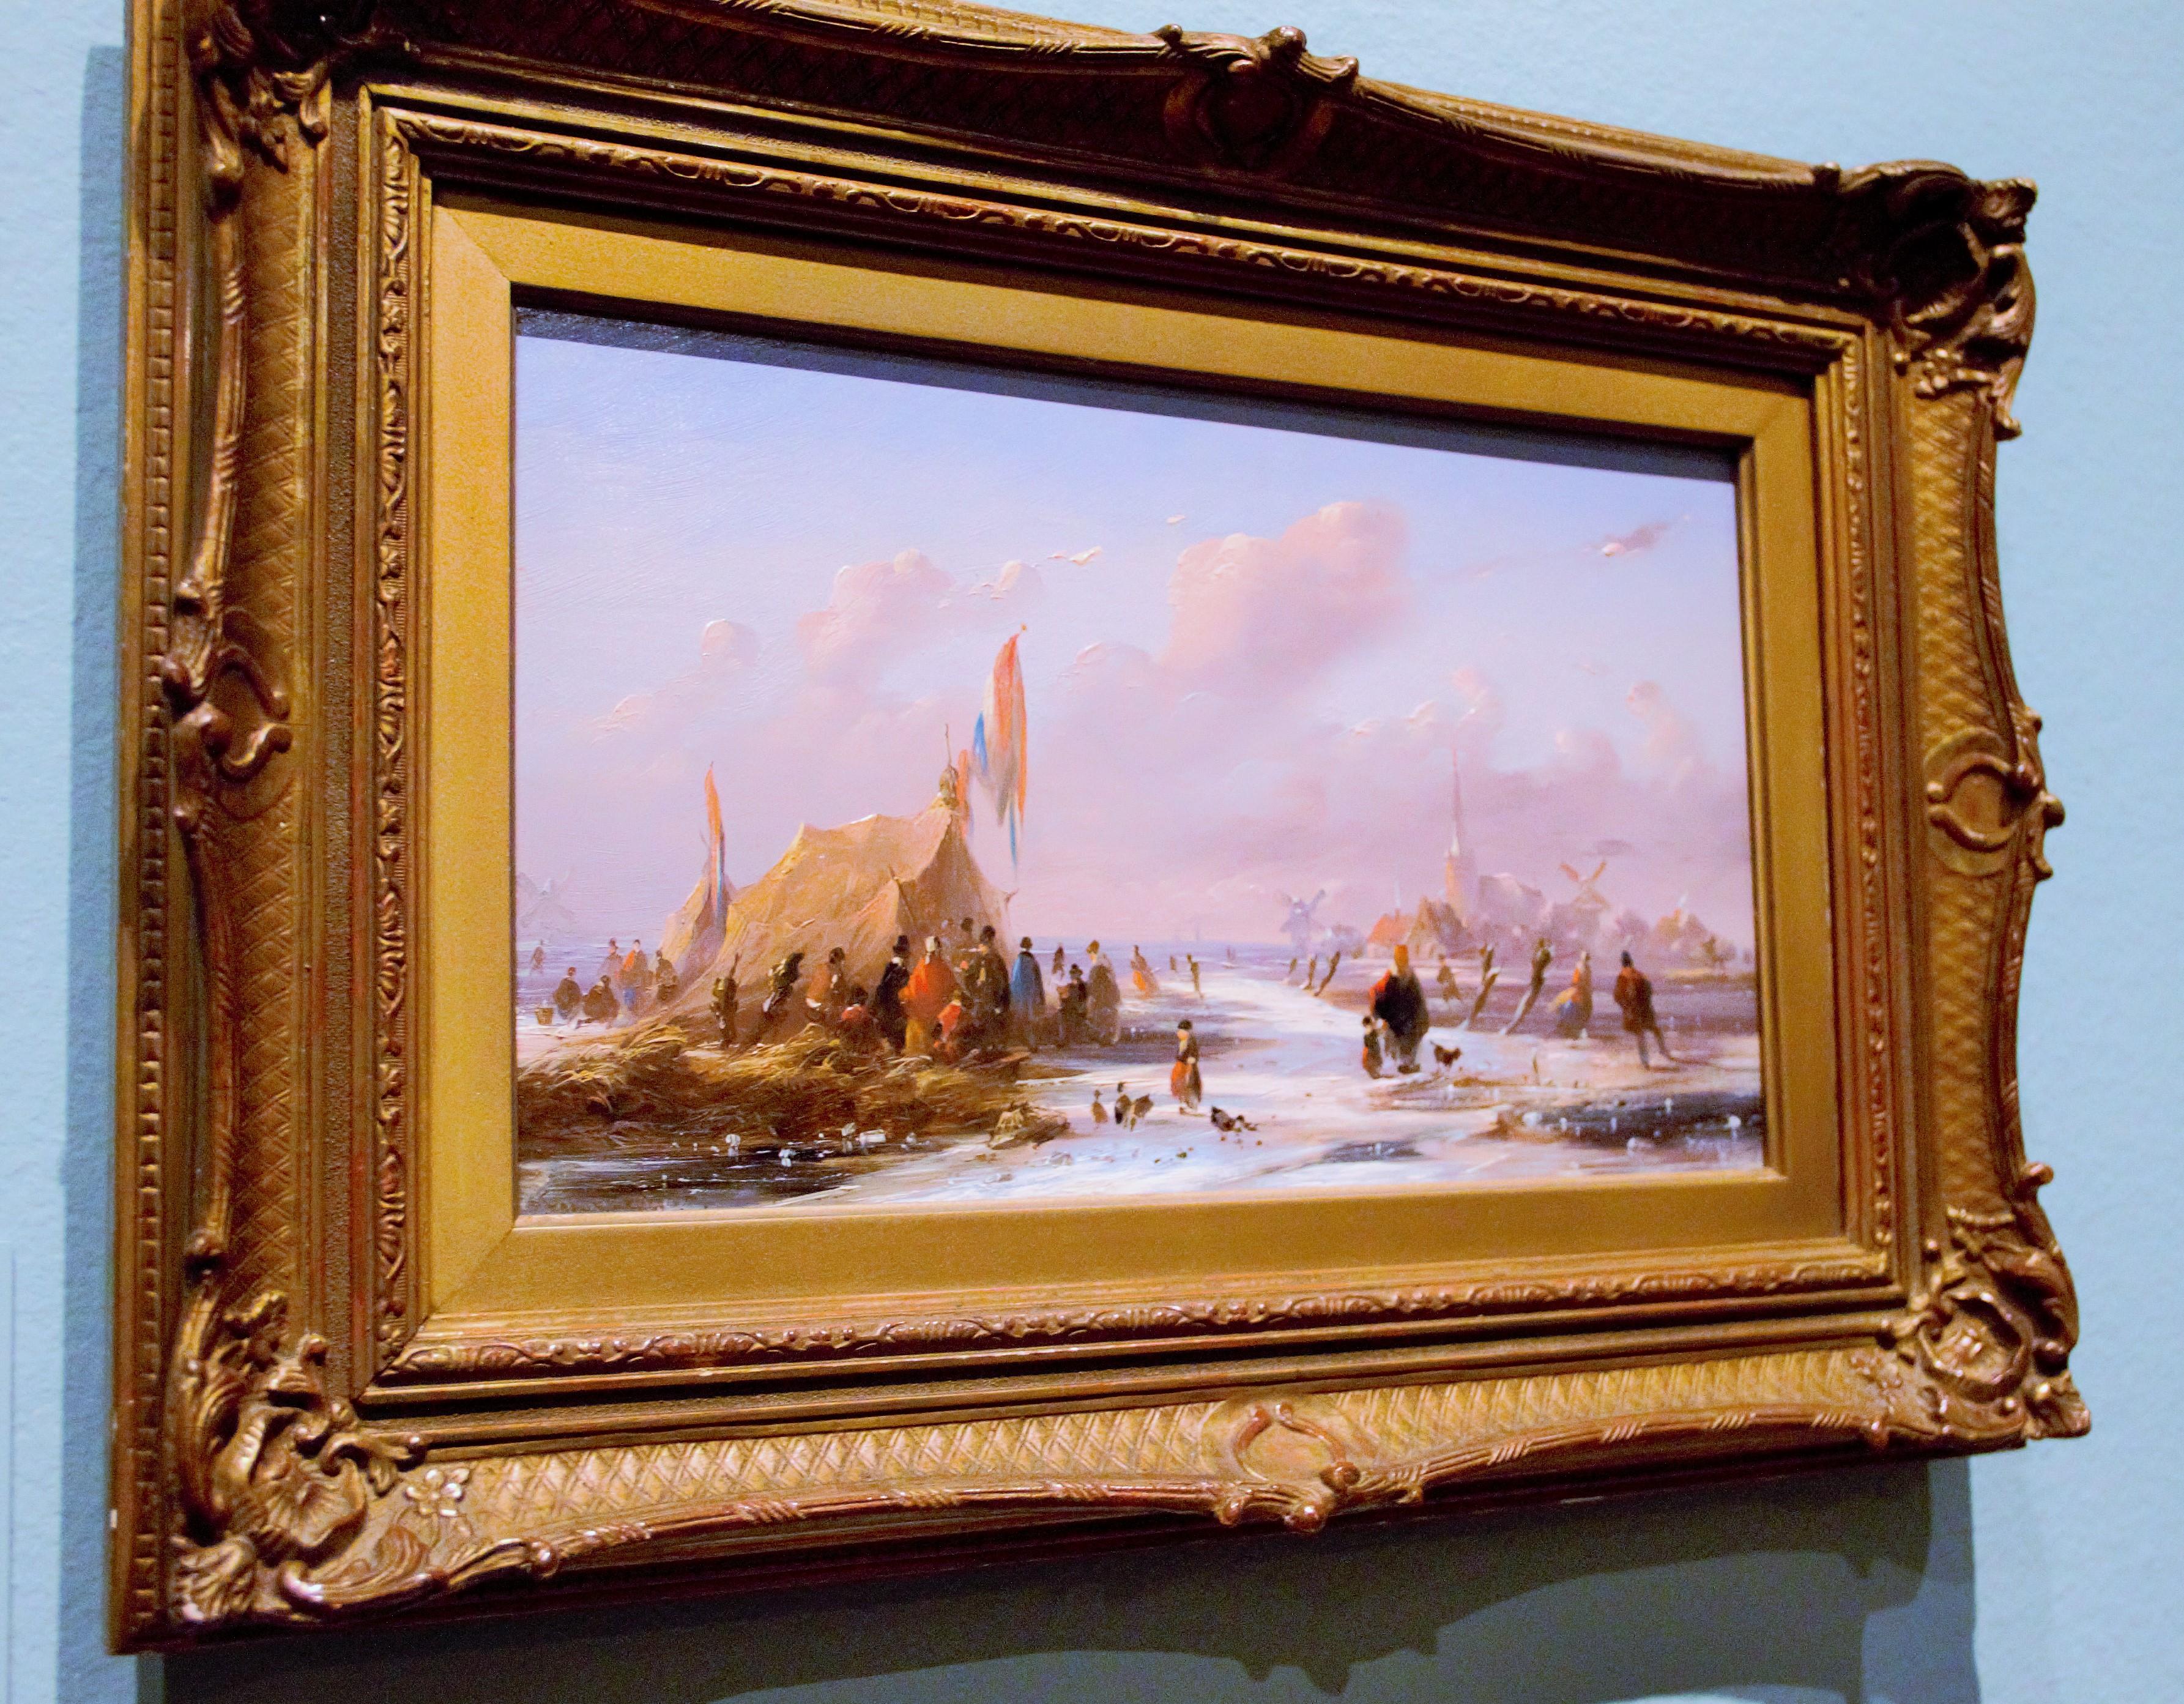 Johannes Tavernaat (1809-1881) Ice scene with koek-en-zopie tent